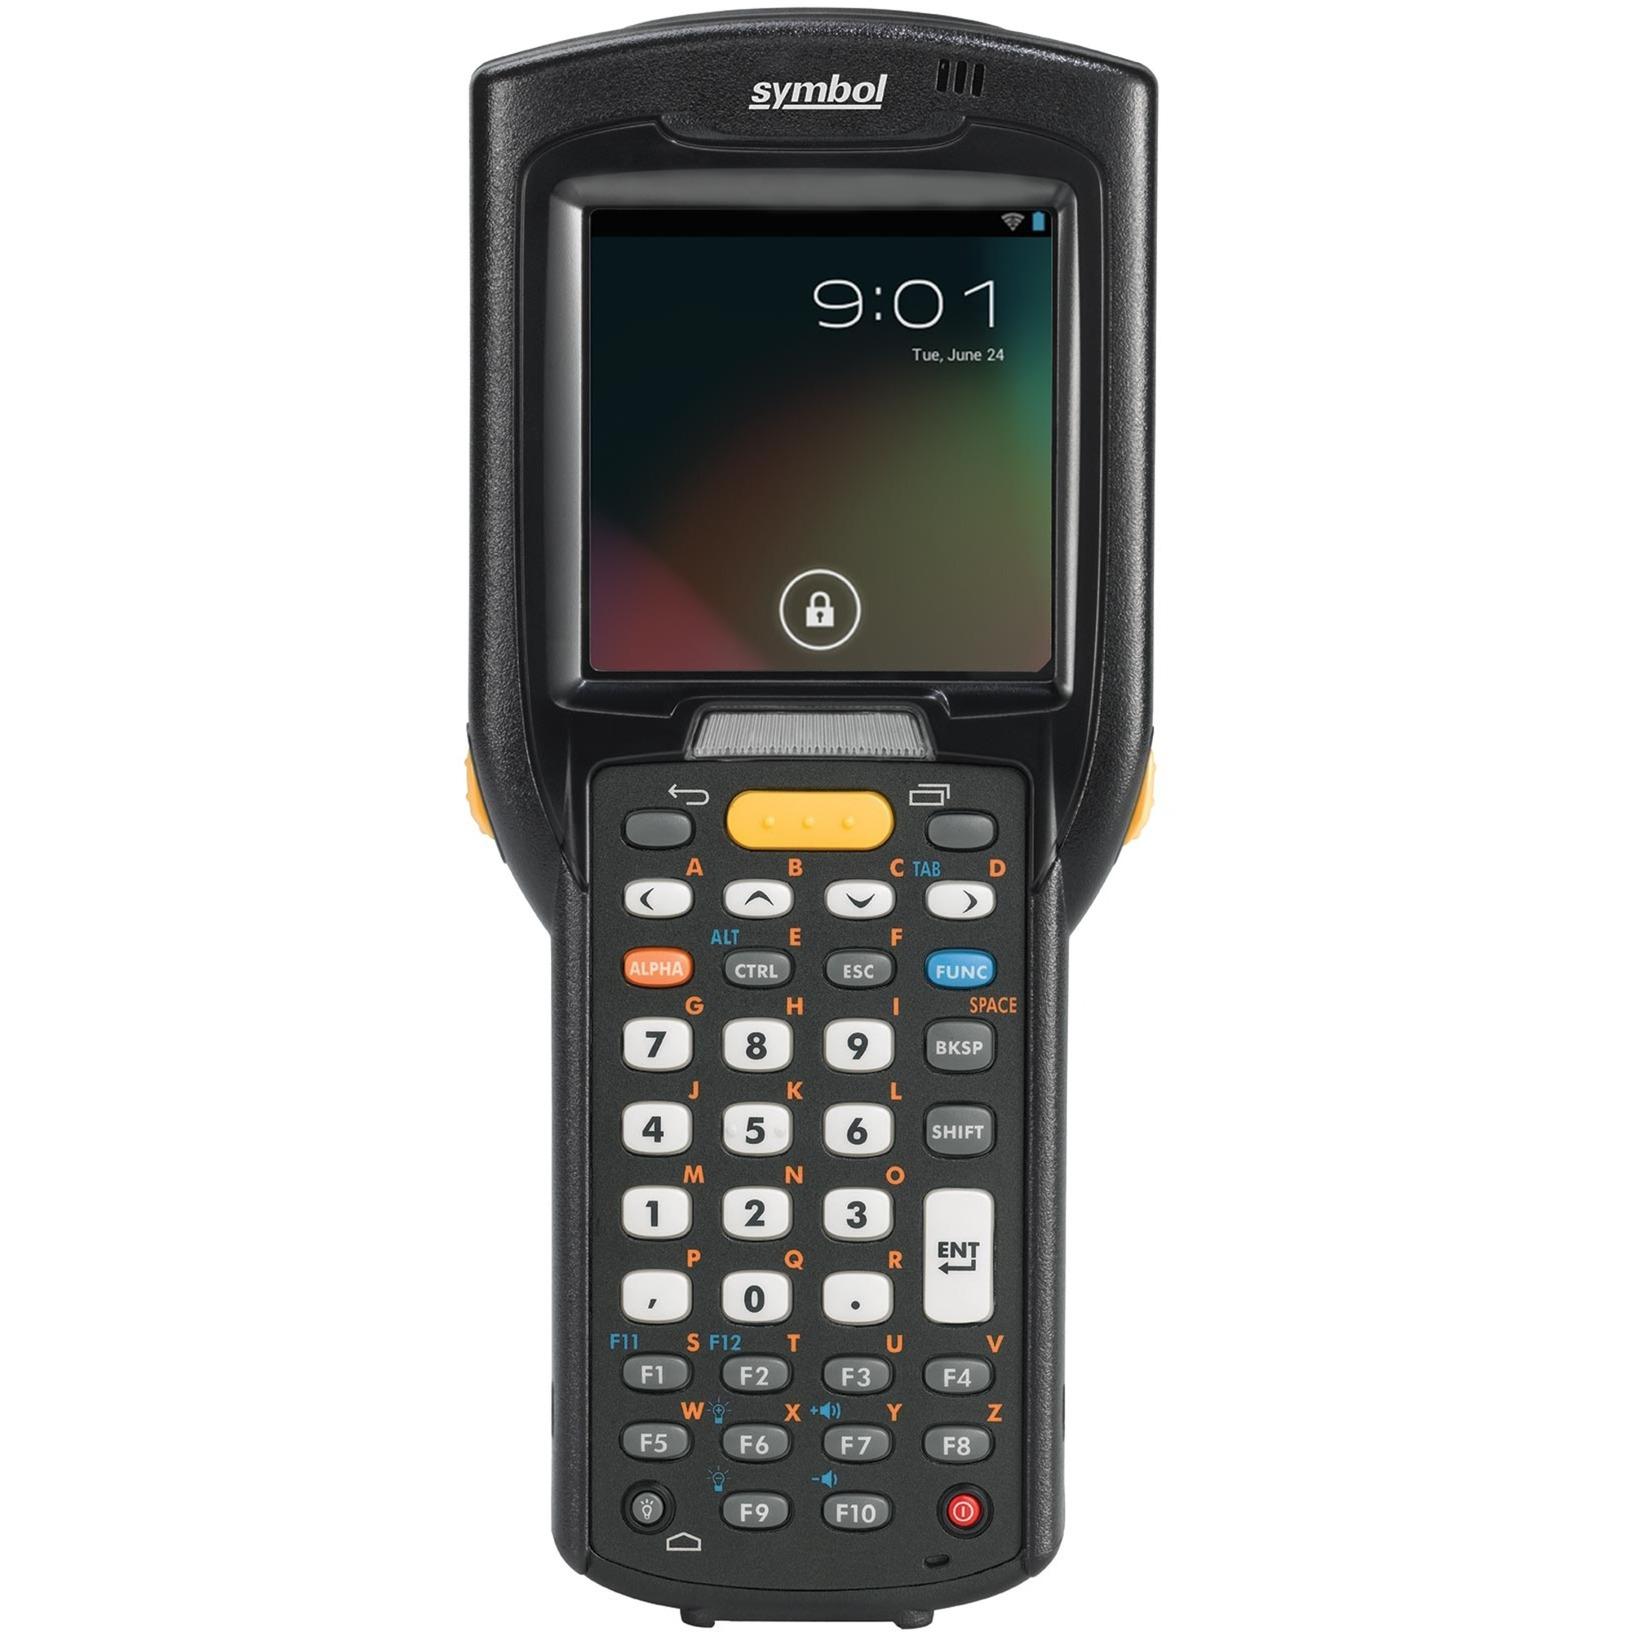 """MC3200 3"""" 320 x 320Pixeles Pantalla táctil 509g Negro ordenador móvil industrial, Escáner de código de barras"""